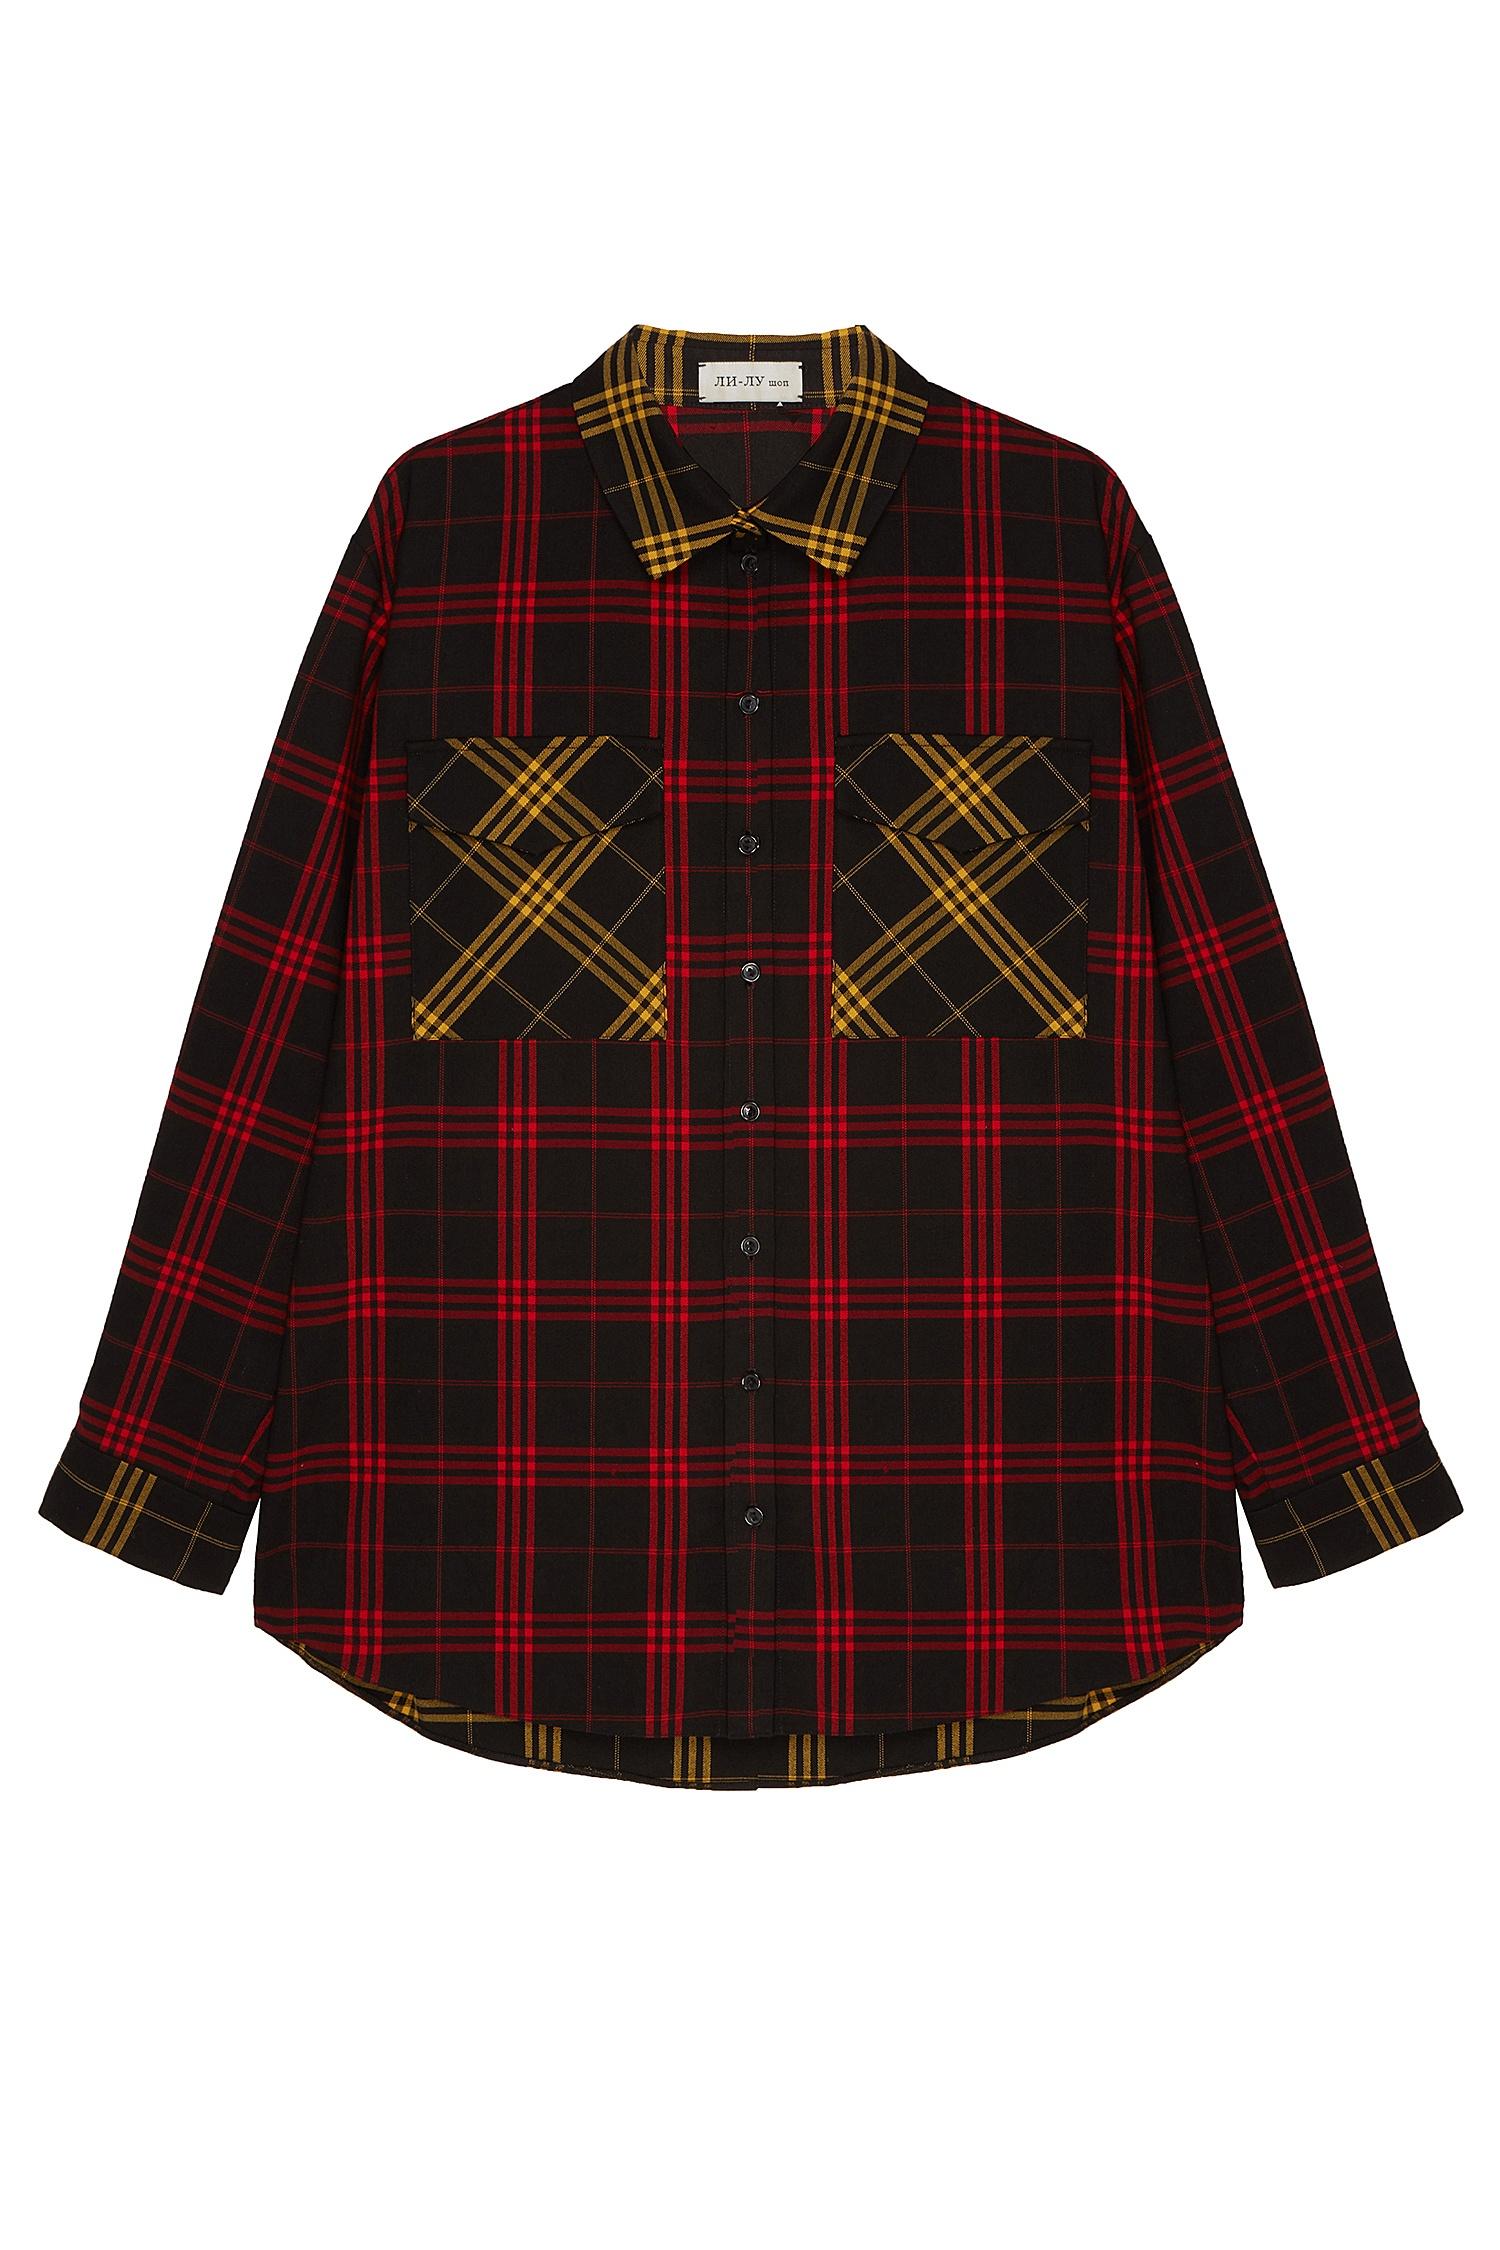 fd5224c5b62 Свободная клетчатая рубашка ЛИ-ЛУ – купить в интернет-магазине в Москве